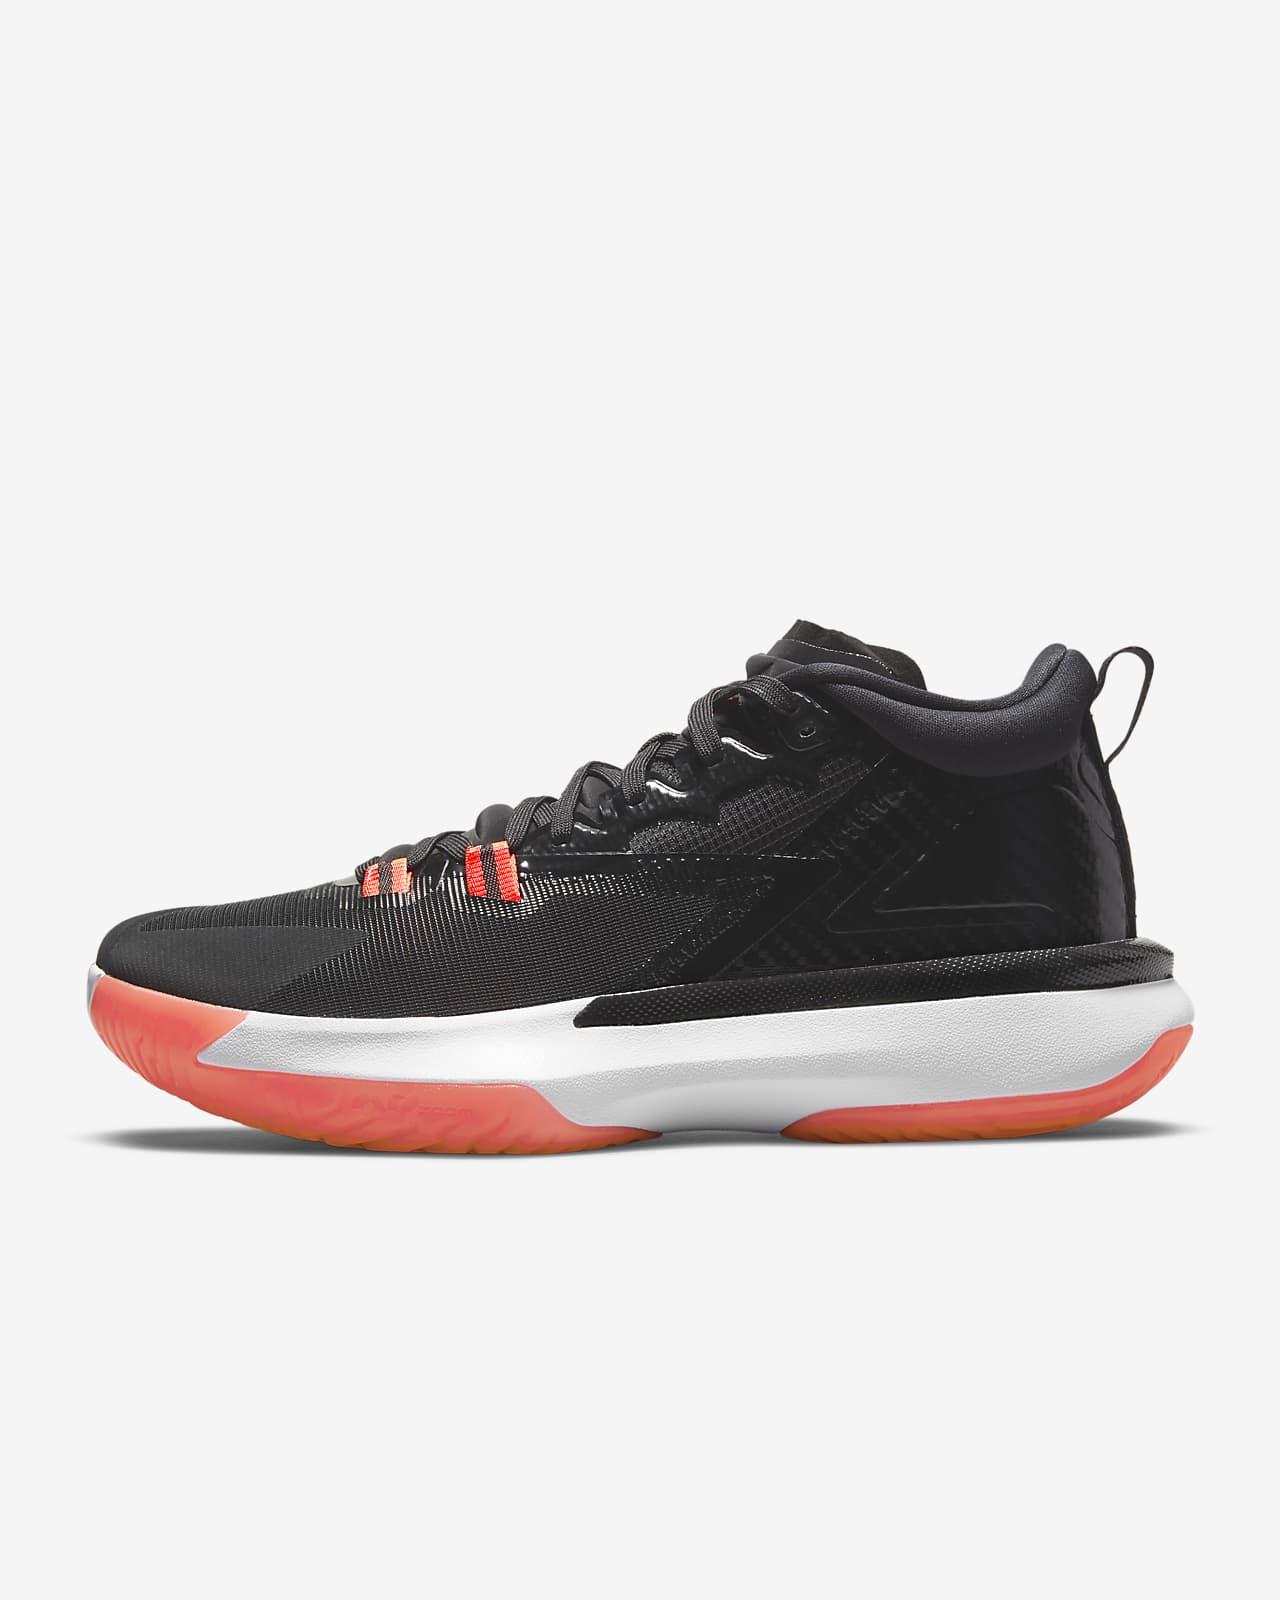 Zion 1 PF Basketball Shoe